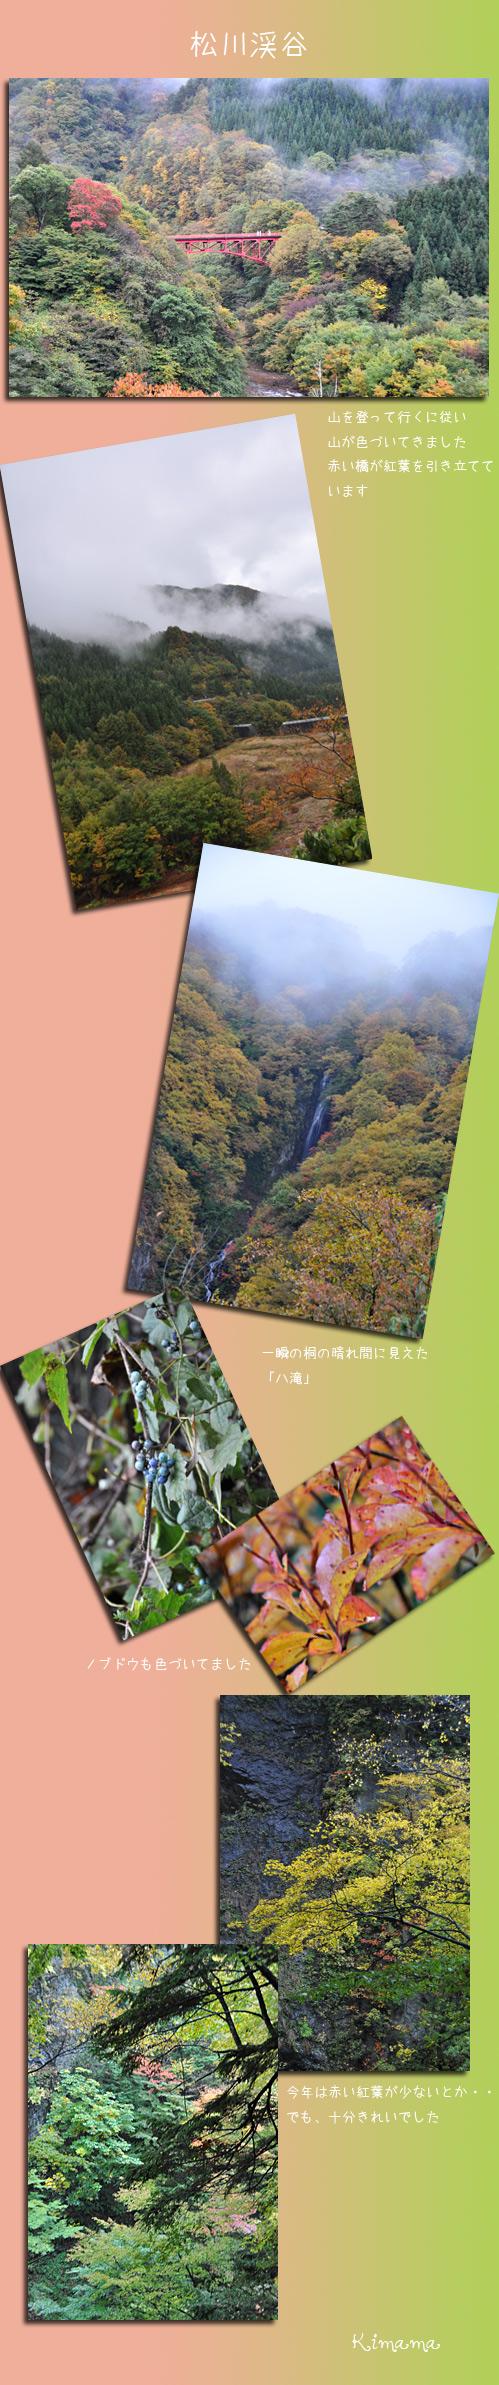 10月27日松川渓谷1